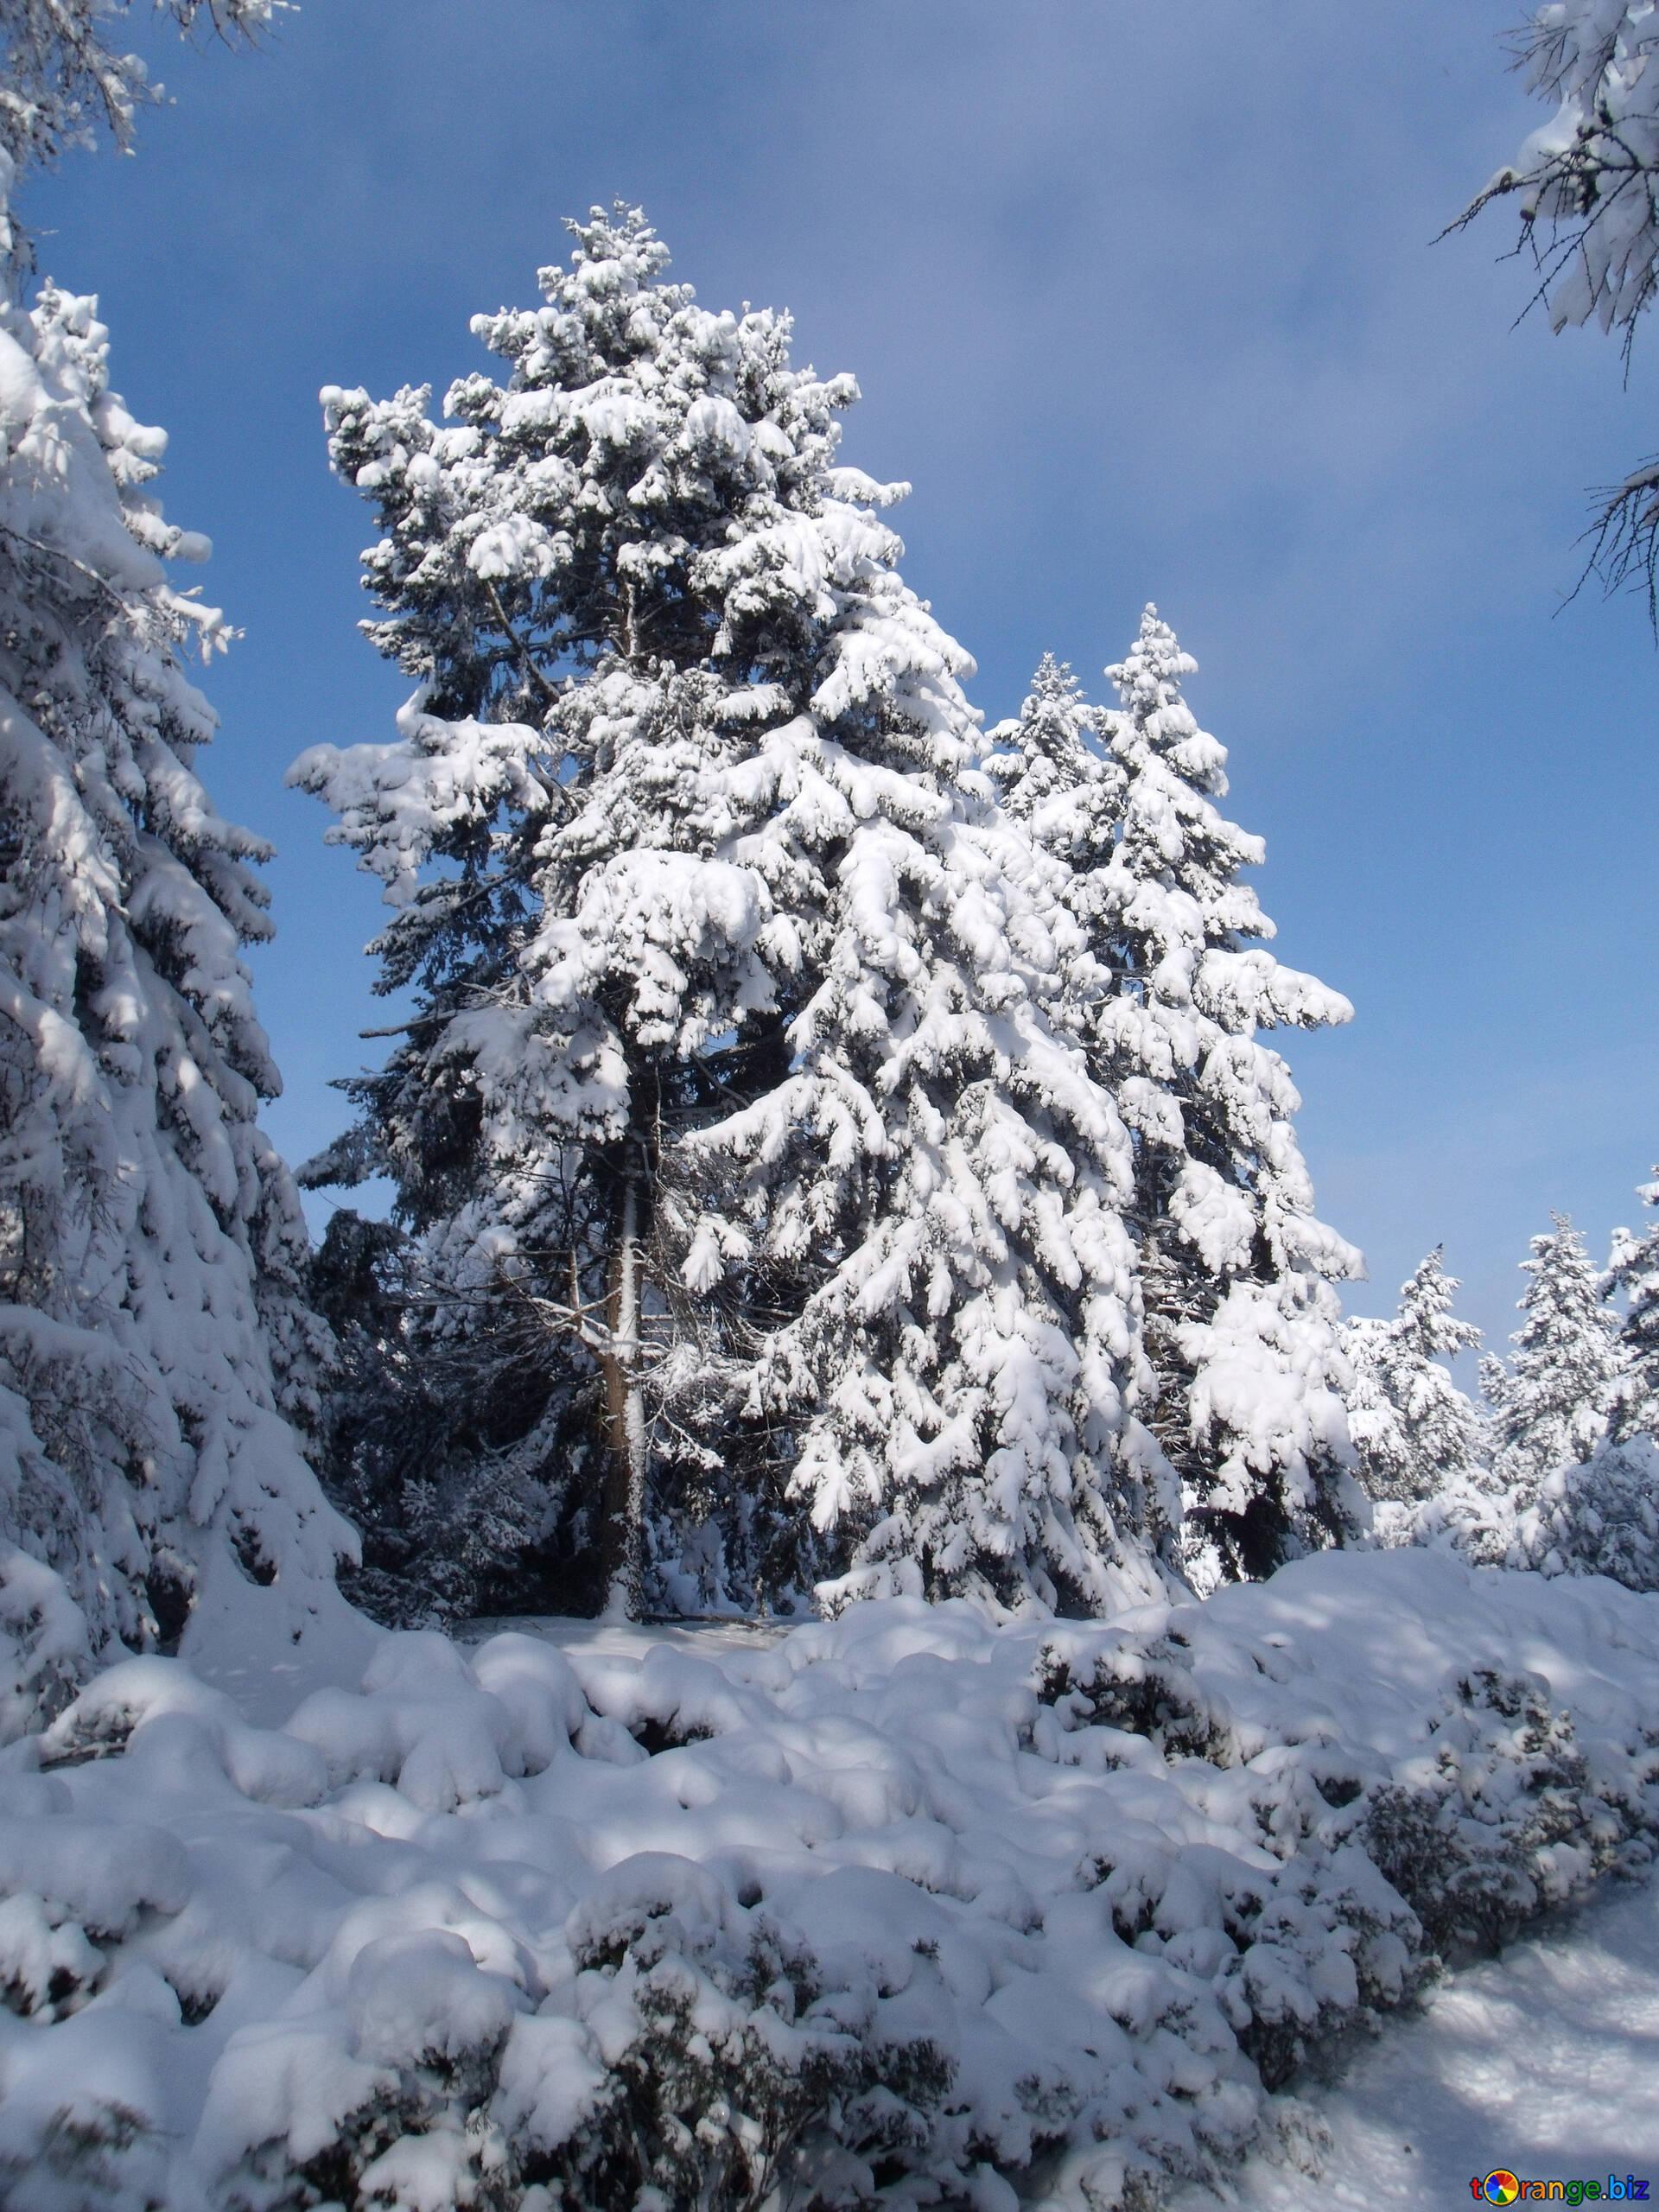 Fichtenzweige mit schnee frost und sonne, schnee und weihnachten ...